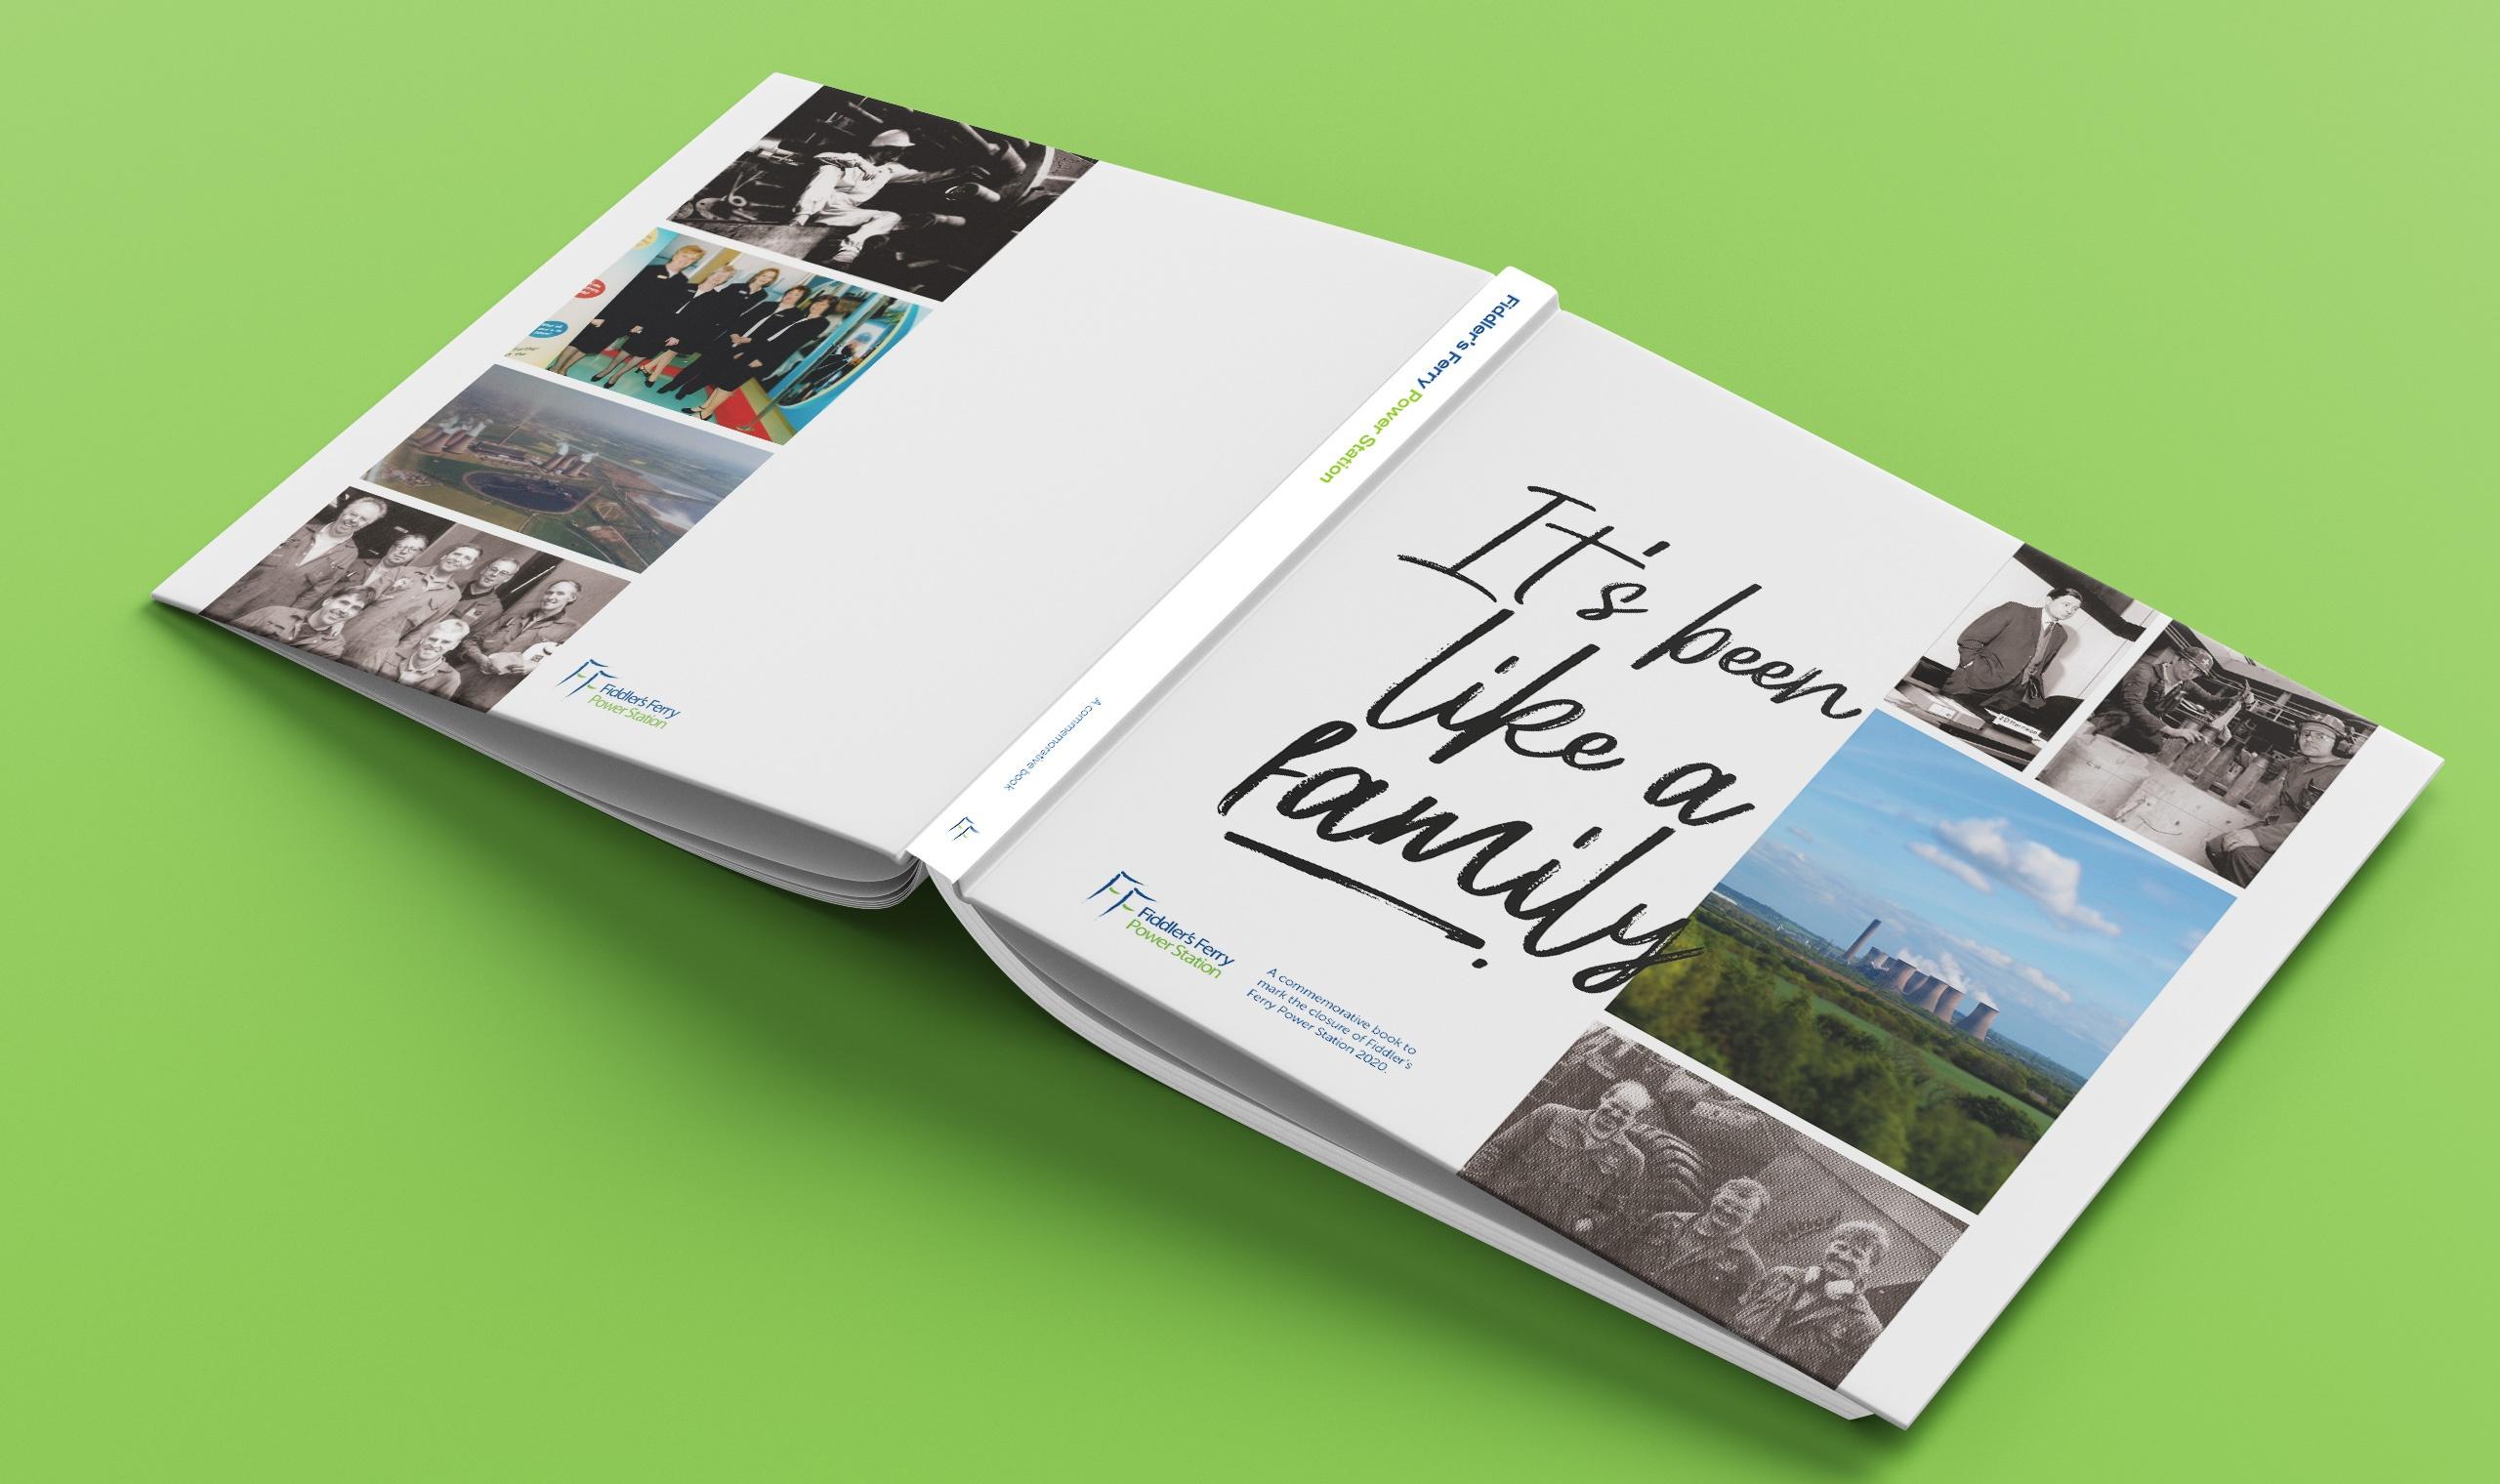 Fiddler's Ferry Book Design Print